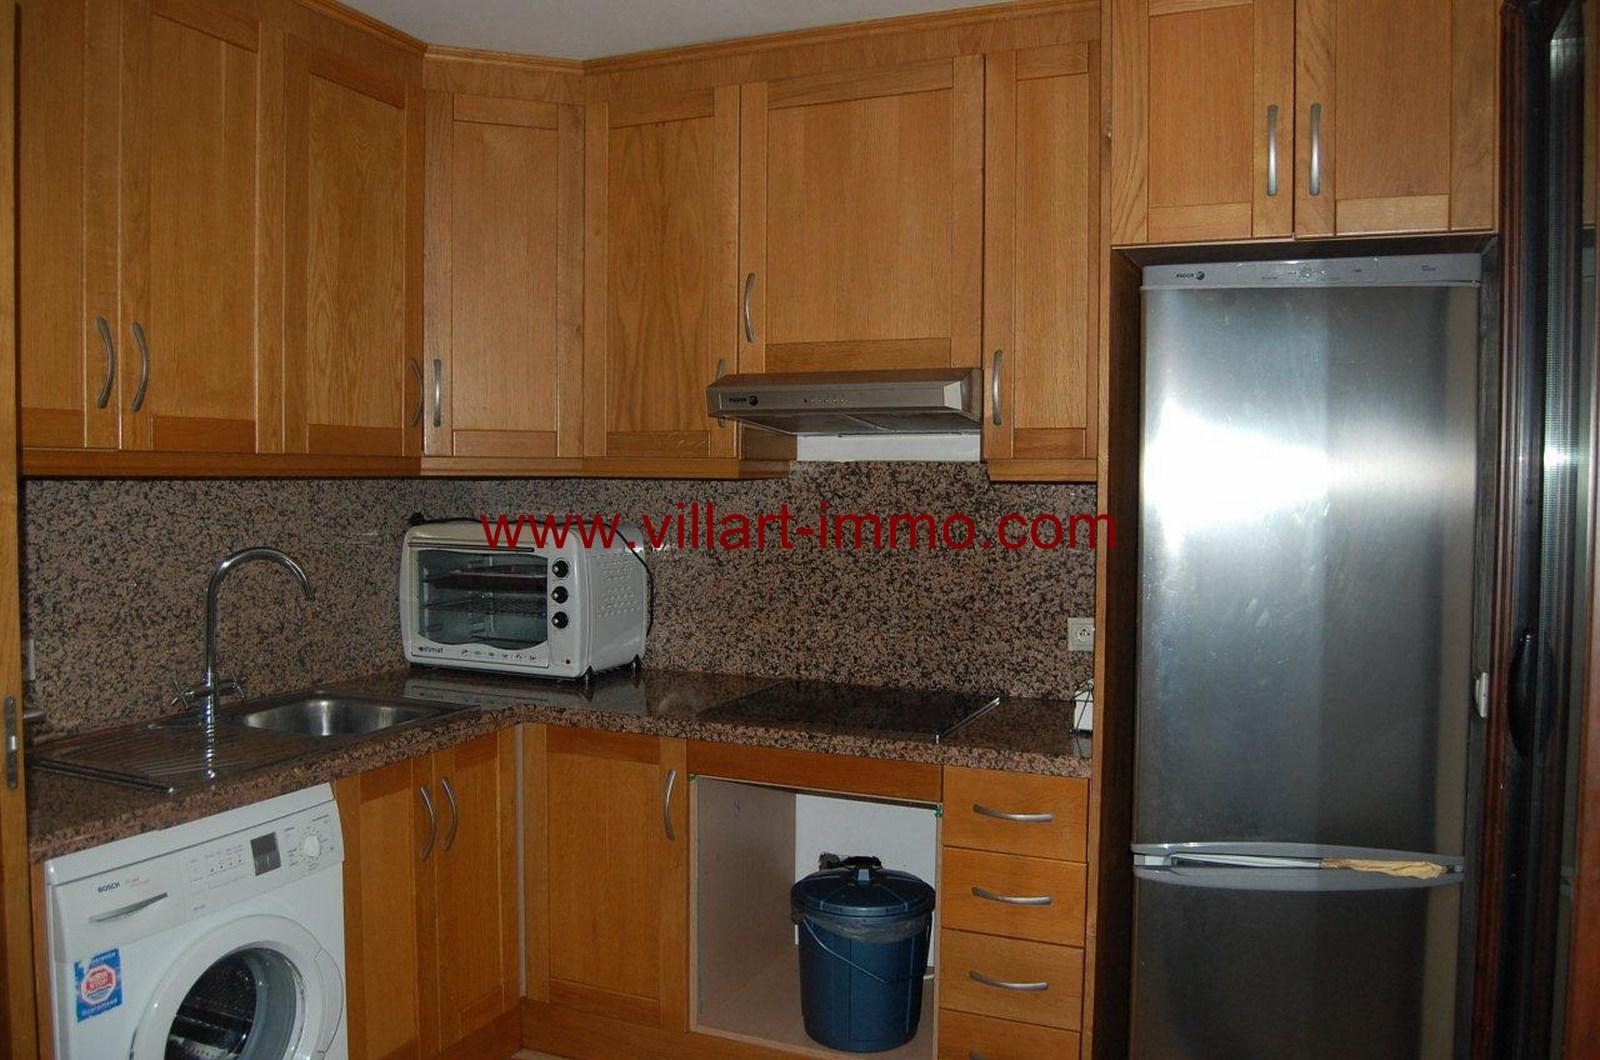 10-vente-appartement-tanger-achakar-cuisine-va390-villart-immo